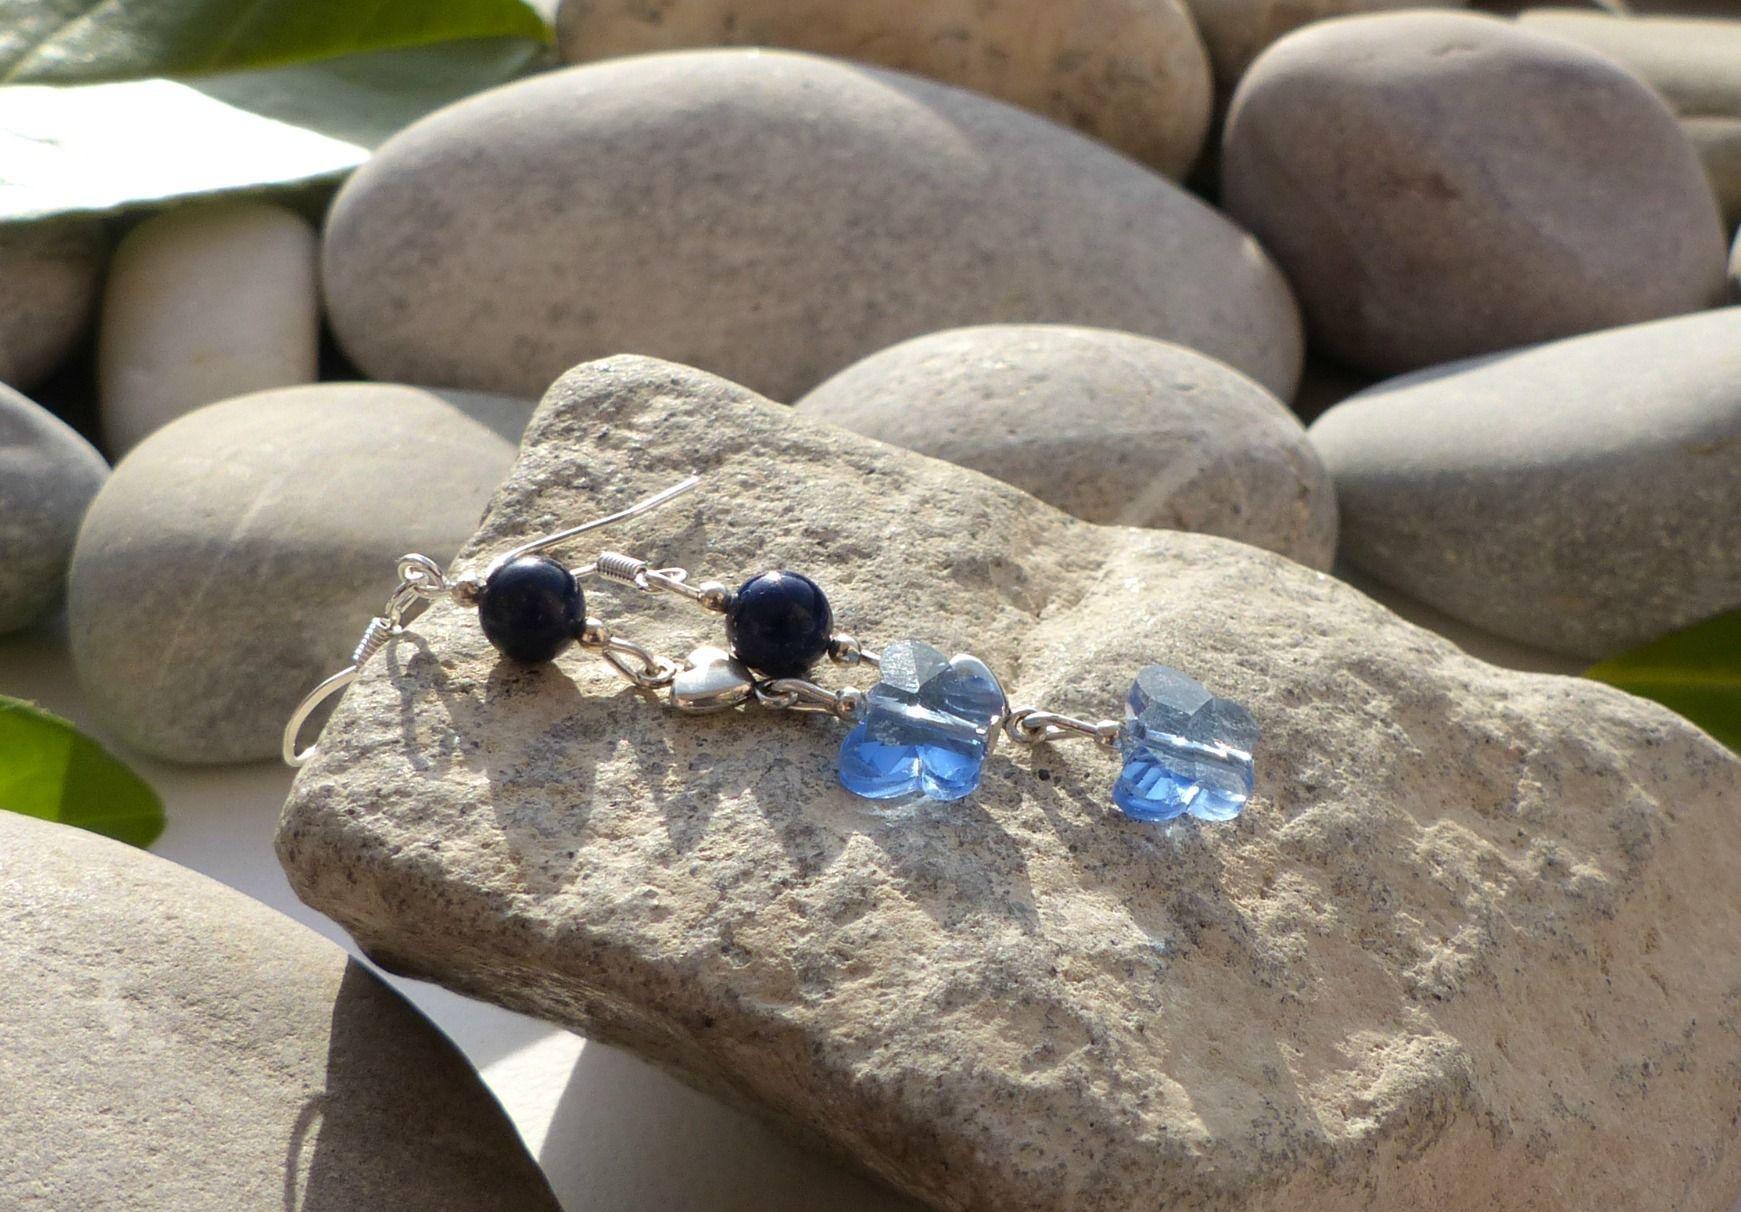 ★Idée bijoux fêtes★ Boucles d'oreilles en lapis-lazuli, boucles lapis-lazuli, boucles d'oreilles papillons, boucles coeurs : Boucles d'oreille par lapassiondisabelle